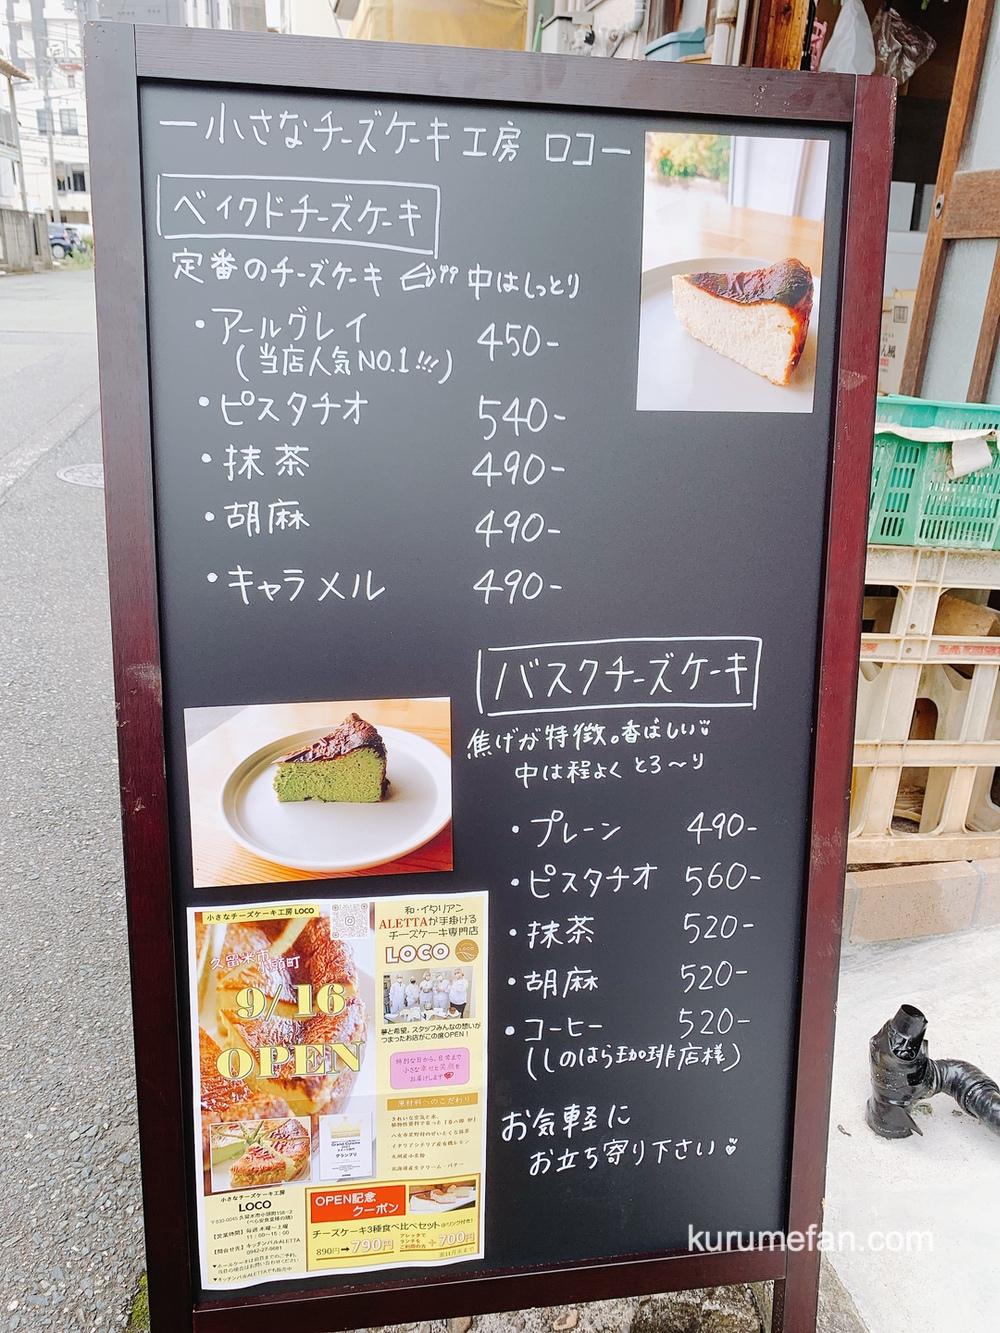 チーズケーキ LOCO(ロコ)チーズケーキ メニュー・料金